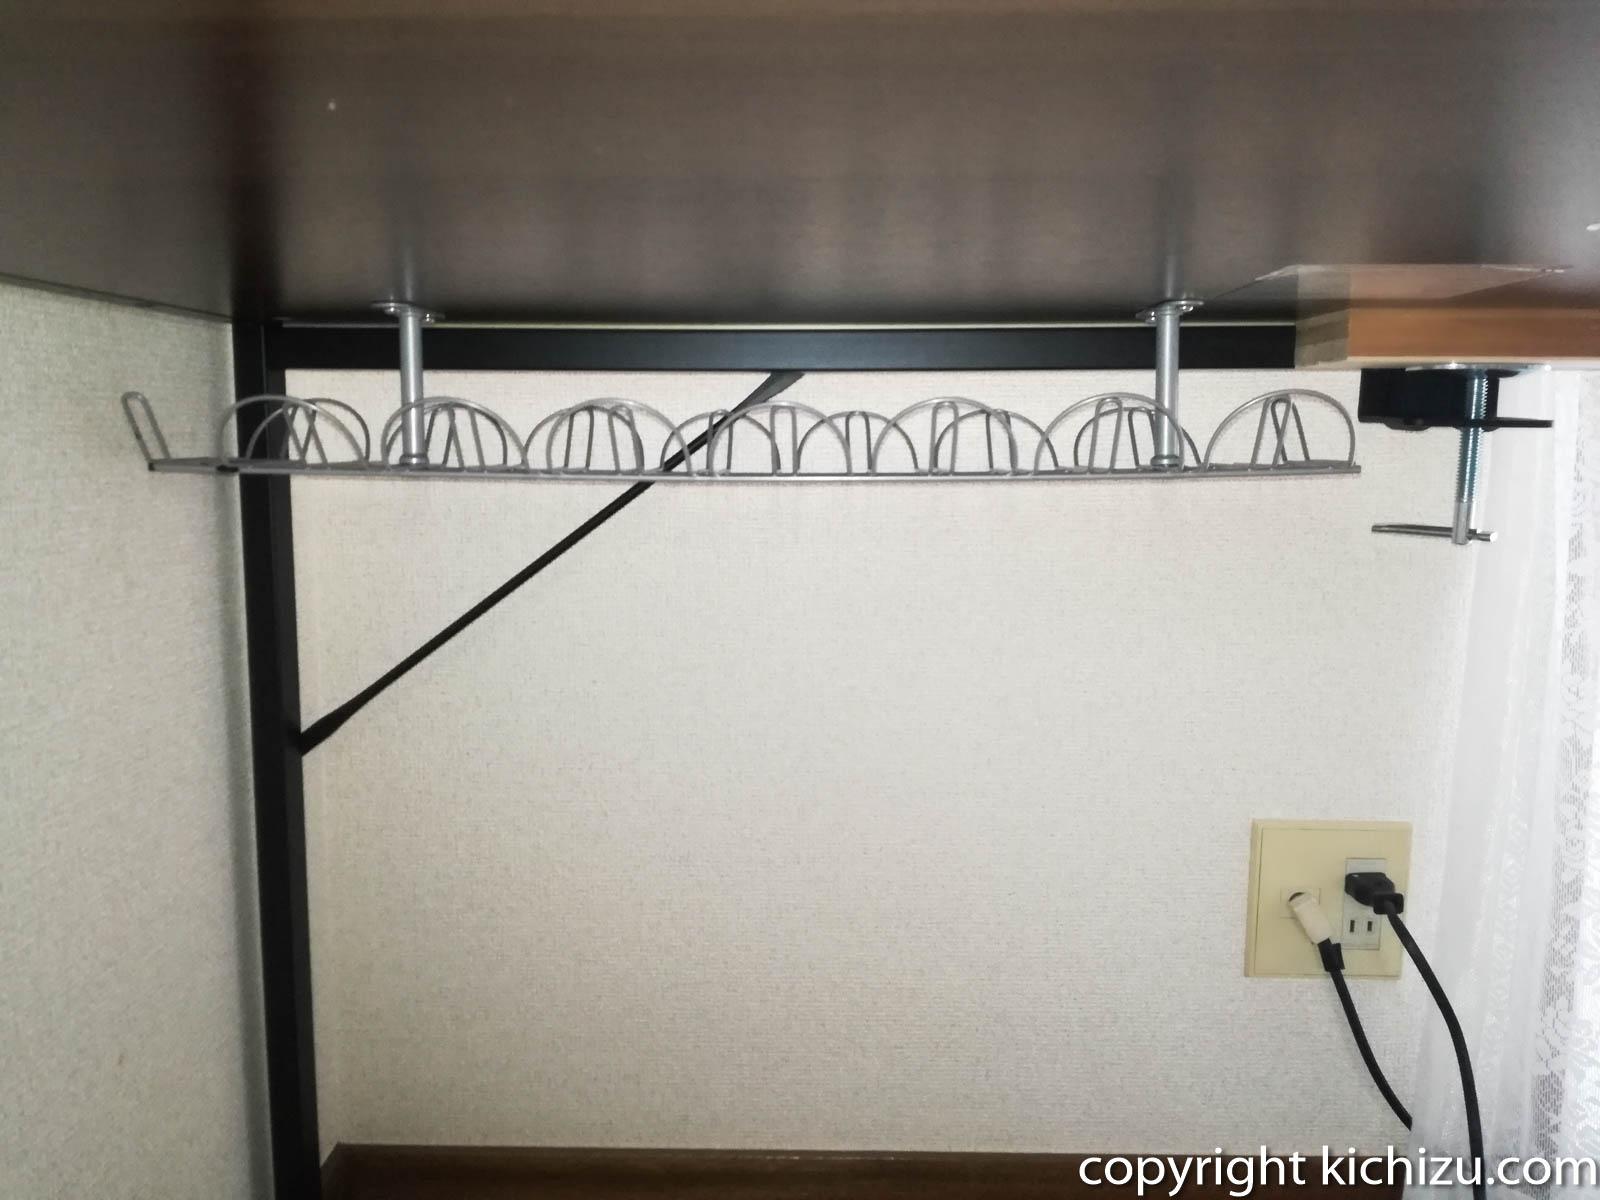 IKEAのケーブルオーガナイザー取り付け完了